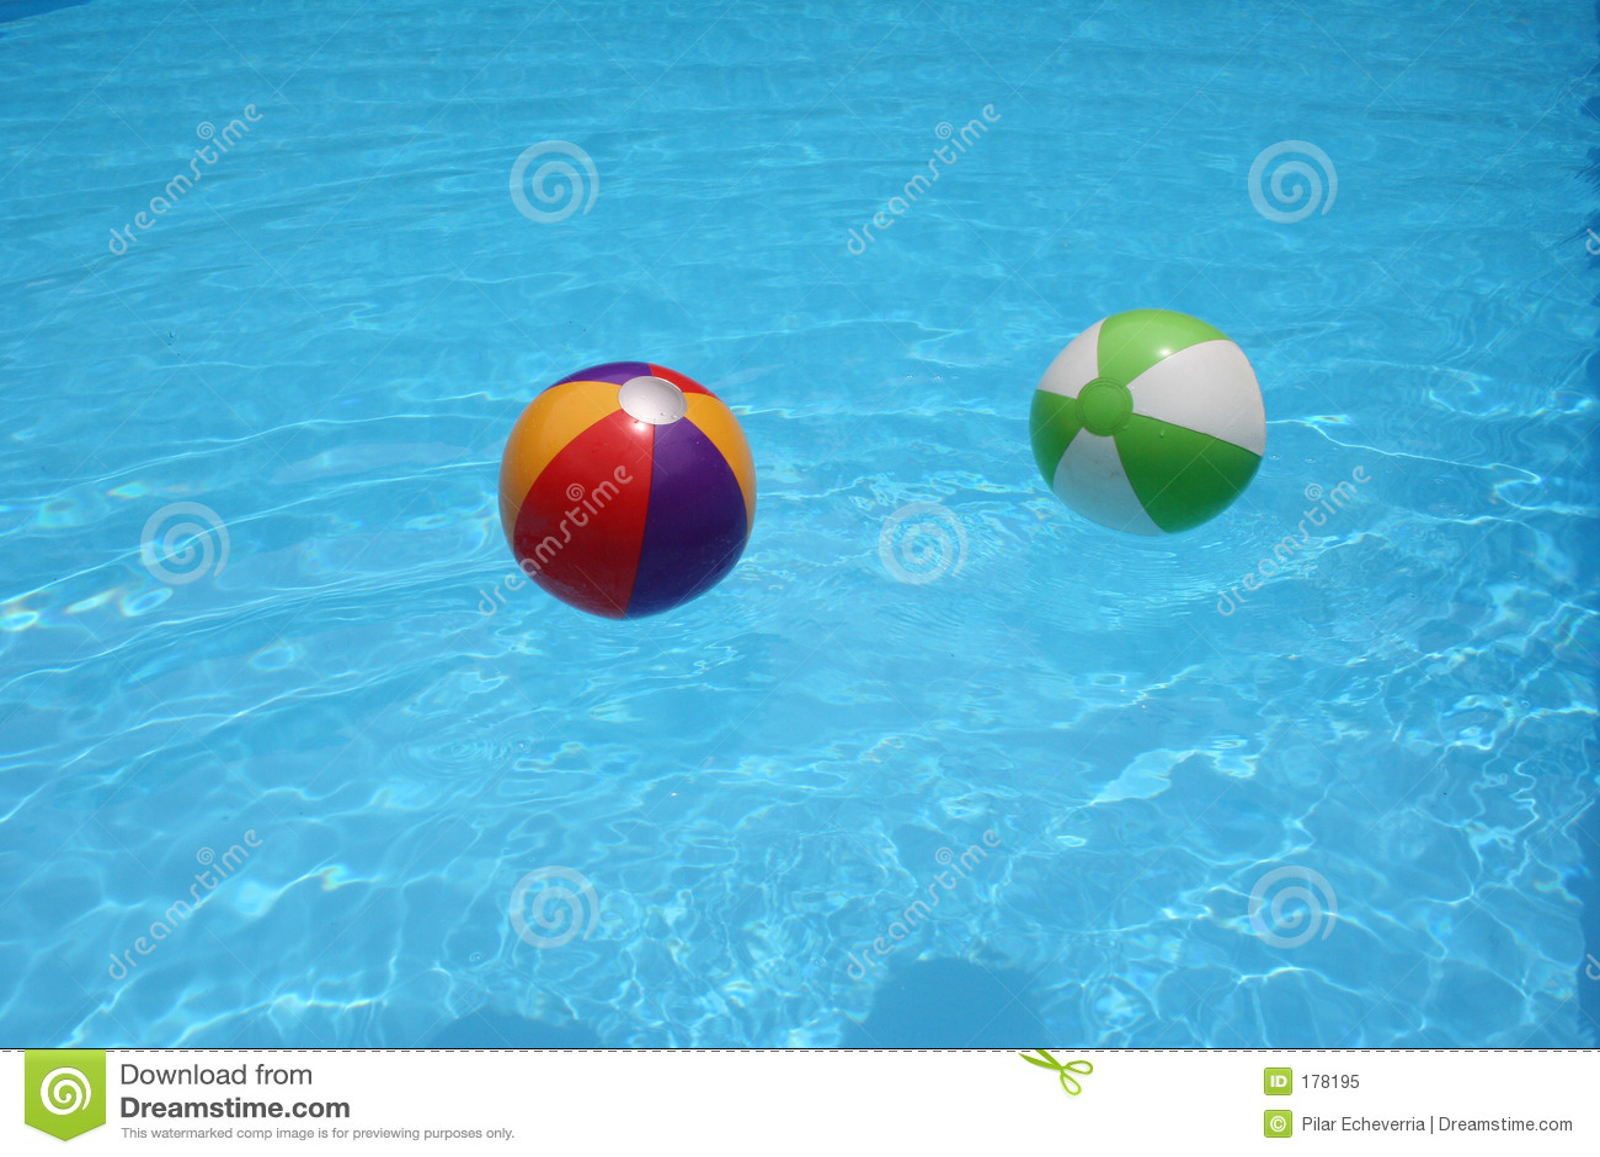 Bolas de playa